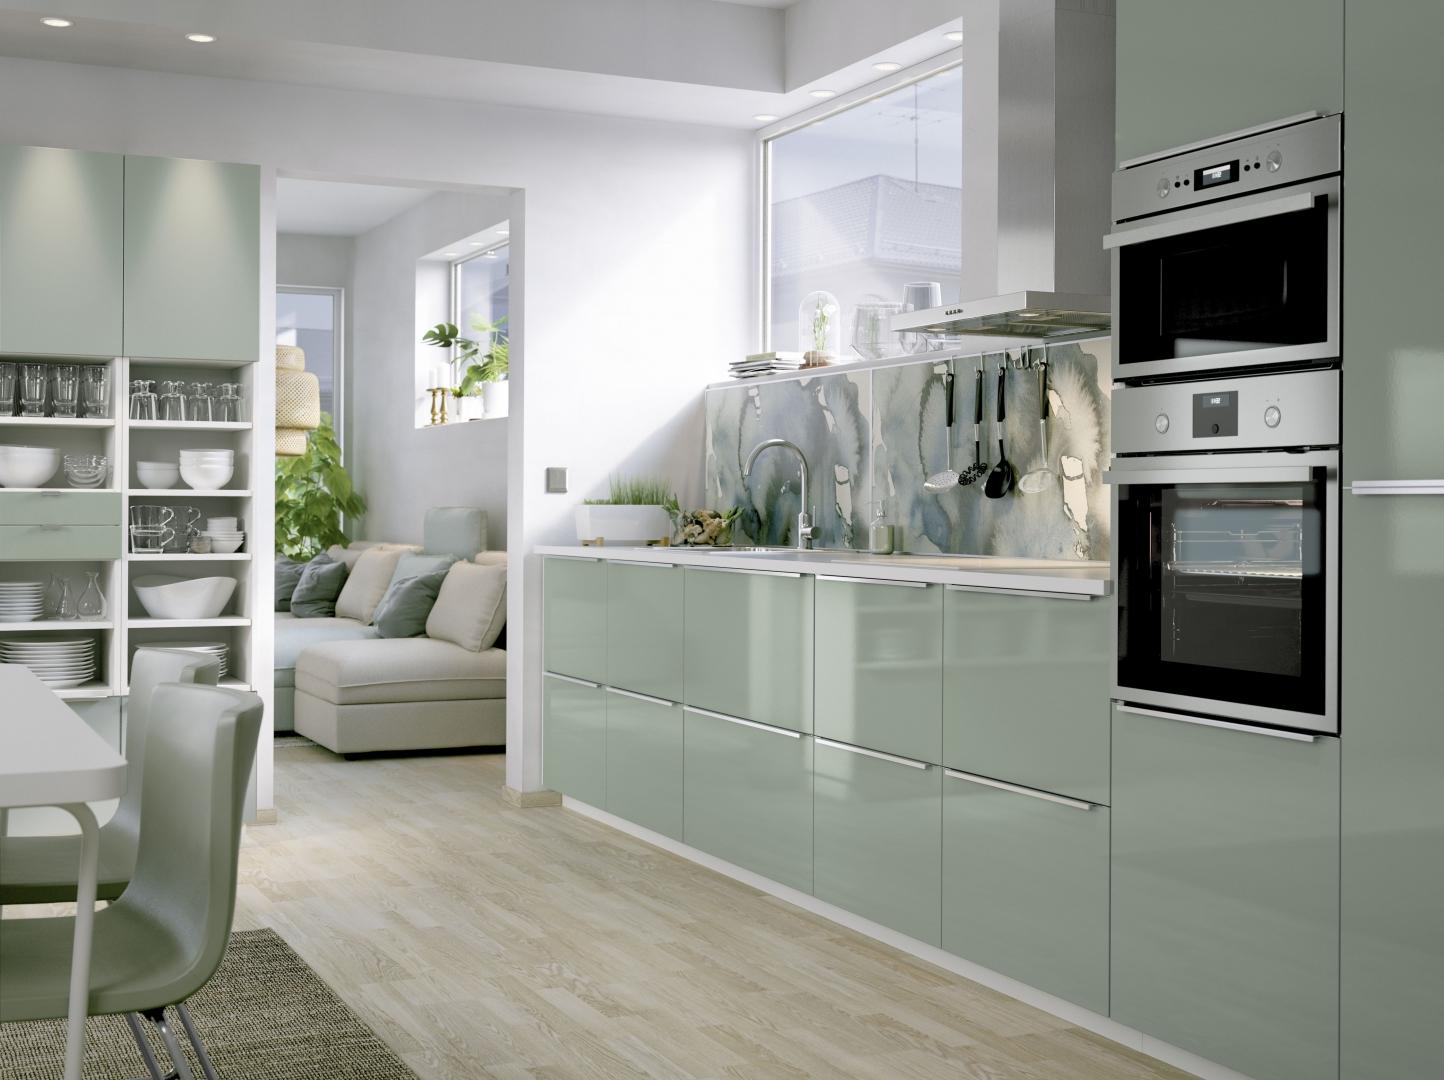 Keuken Grijs Groen : Interieur Ikea lanceert design keuken met karakter ? Stijlvol